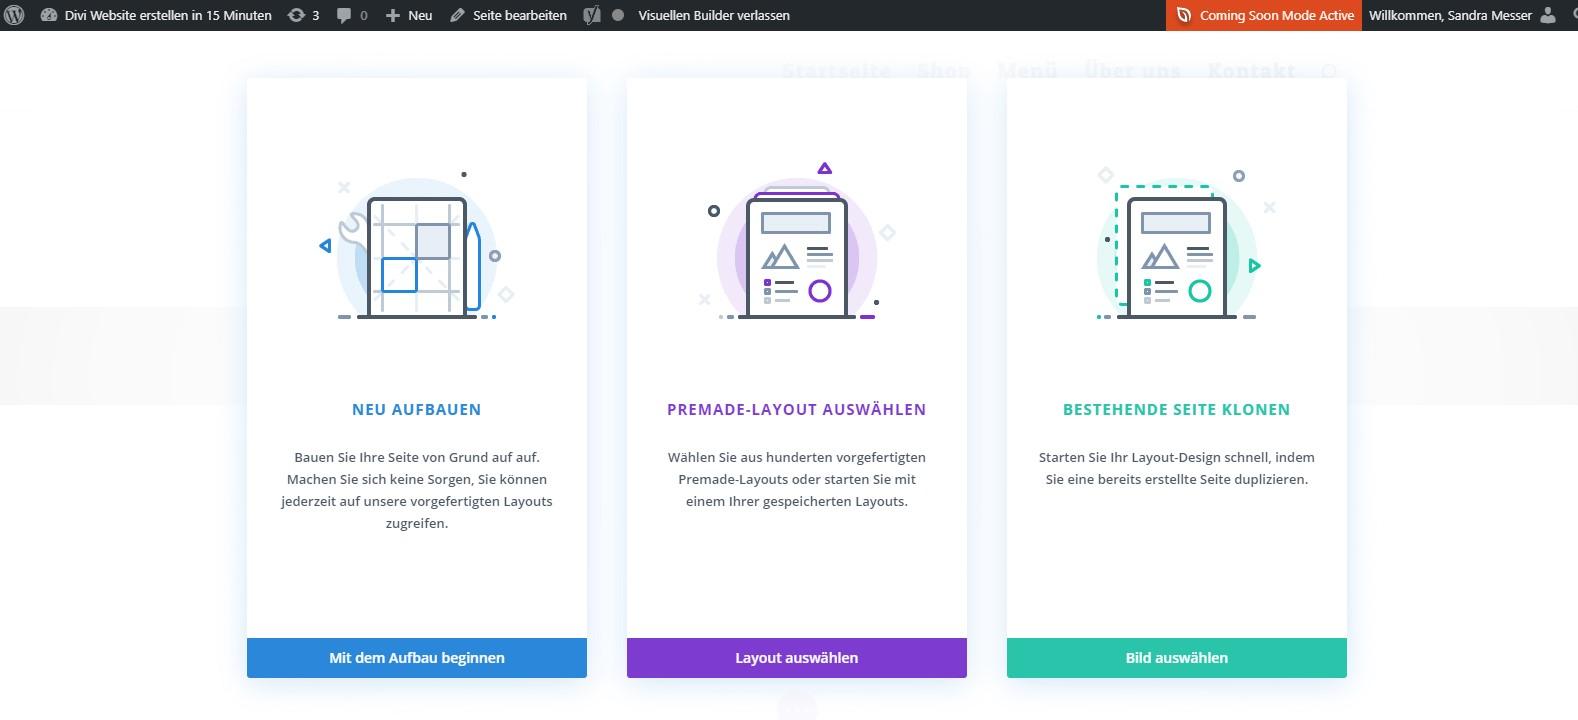 Divi Website erstellen - Premade Layout auswaehlen